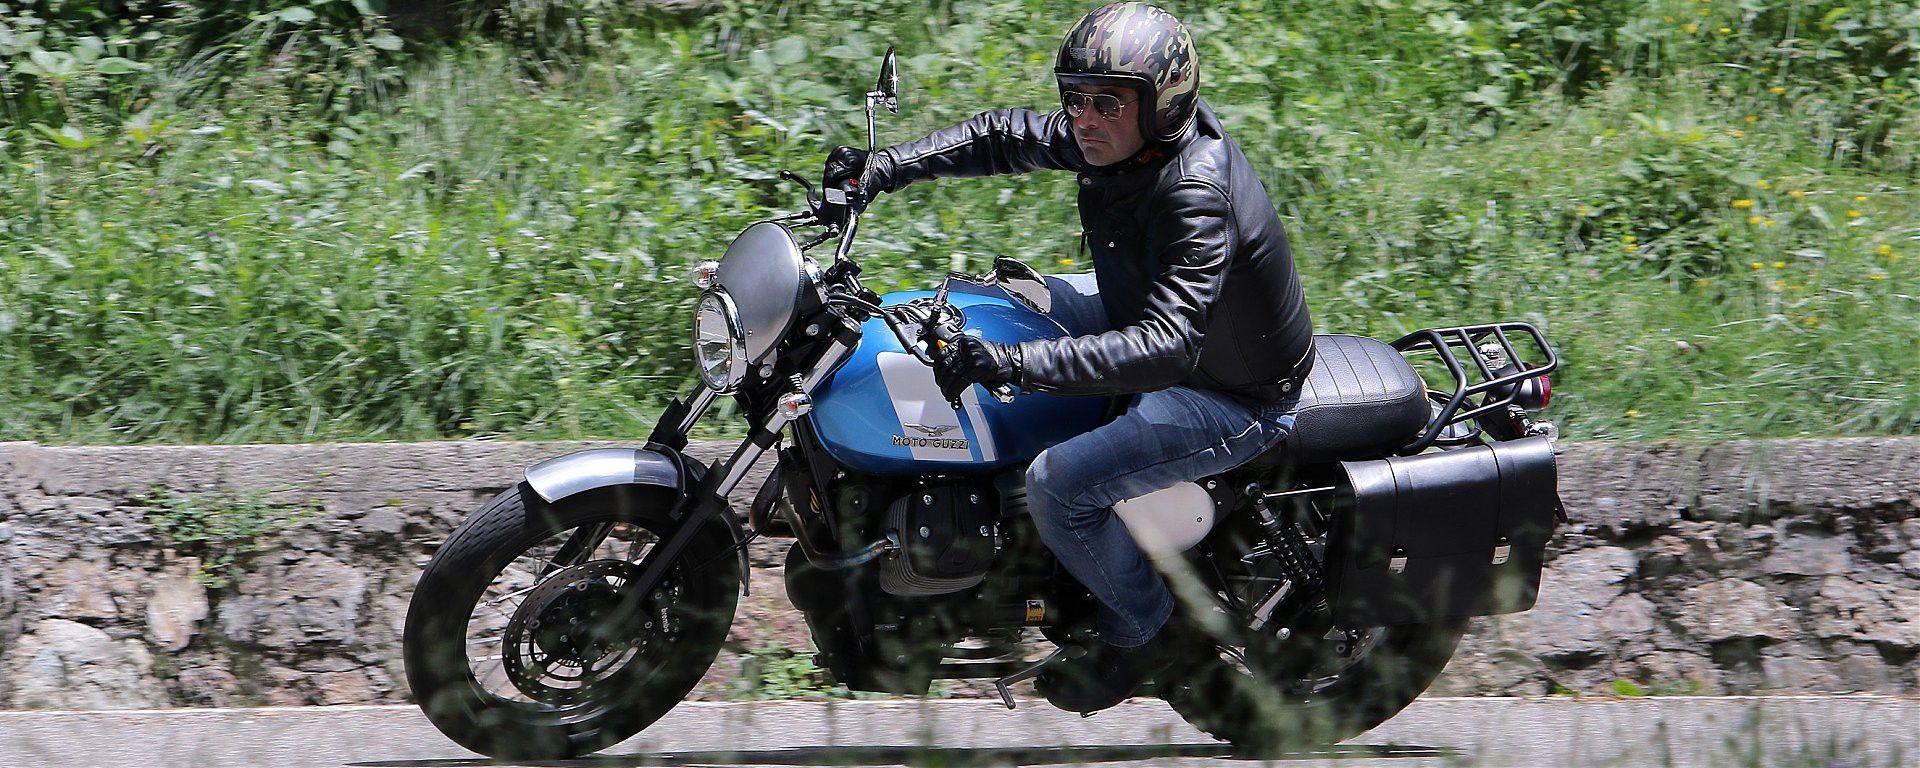 Moto Guzzi V7 II ABS